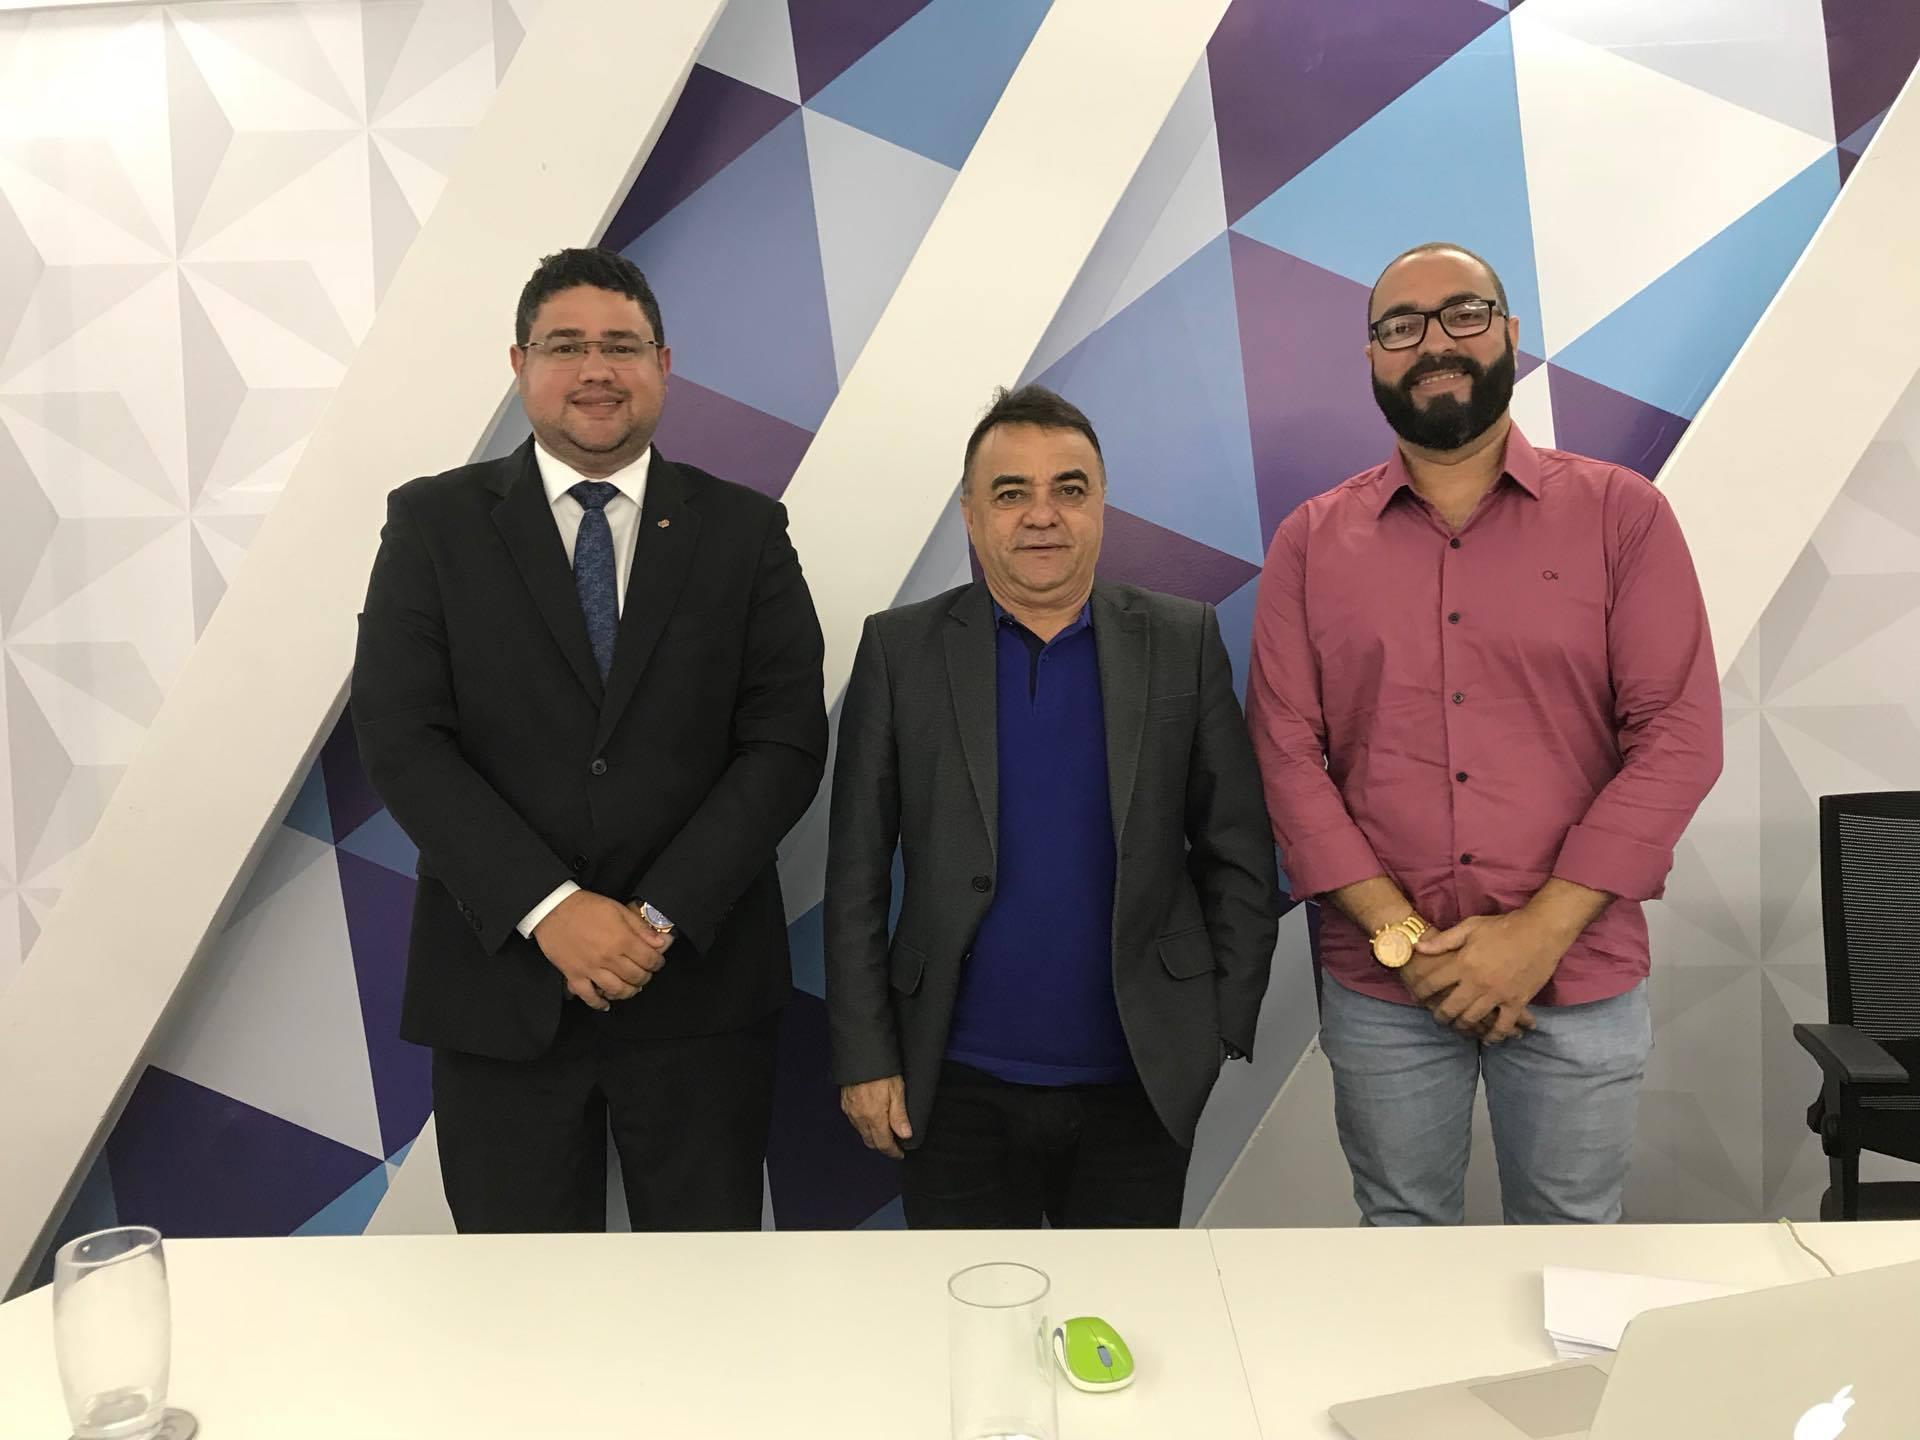 LEGALIZAÇÃO CONTRA O TRÁFICO: Debatedores questionam se Brasil está preparado para liberar uso da maconha